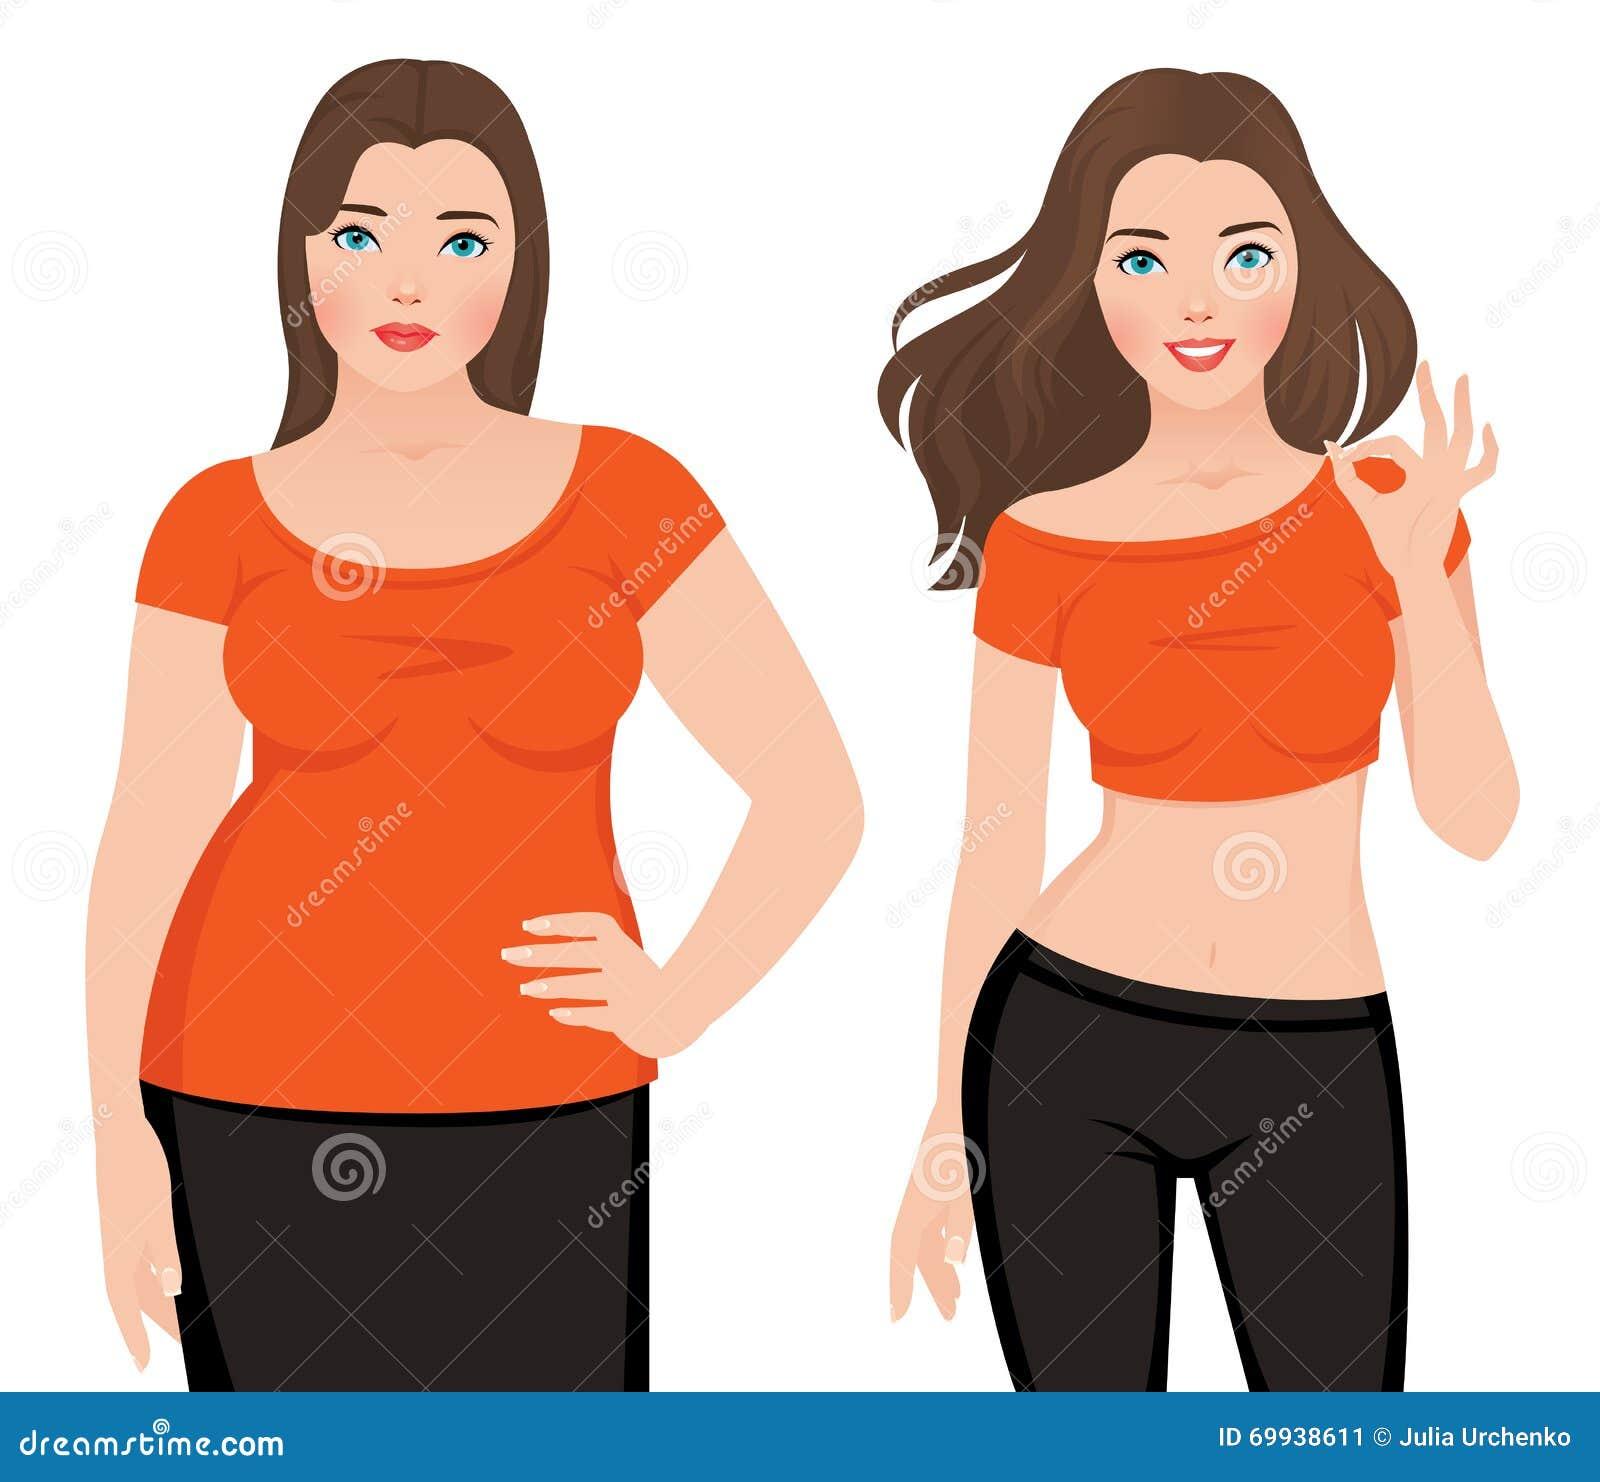 Comment maigrir quand on est mère au foyer ?